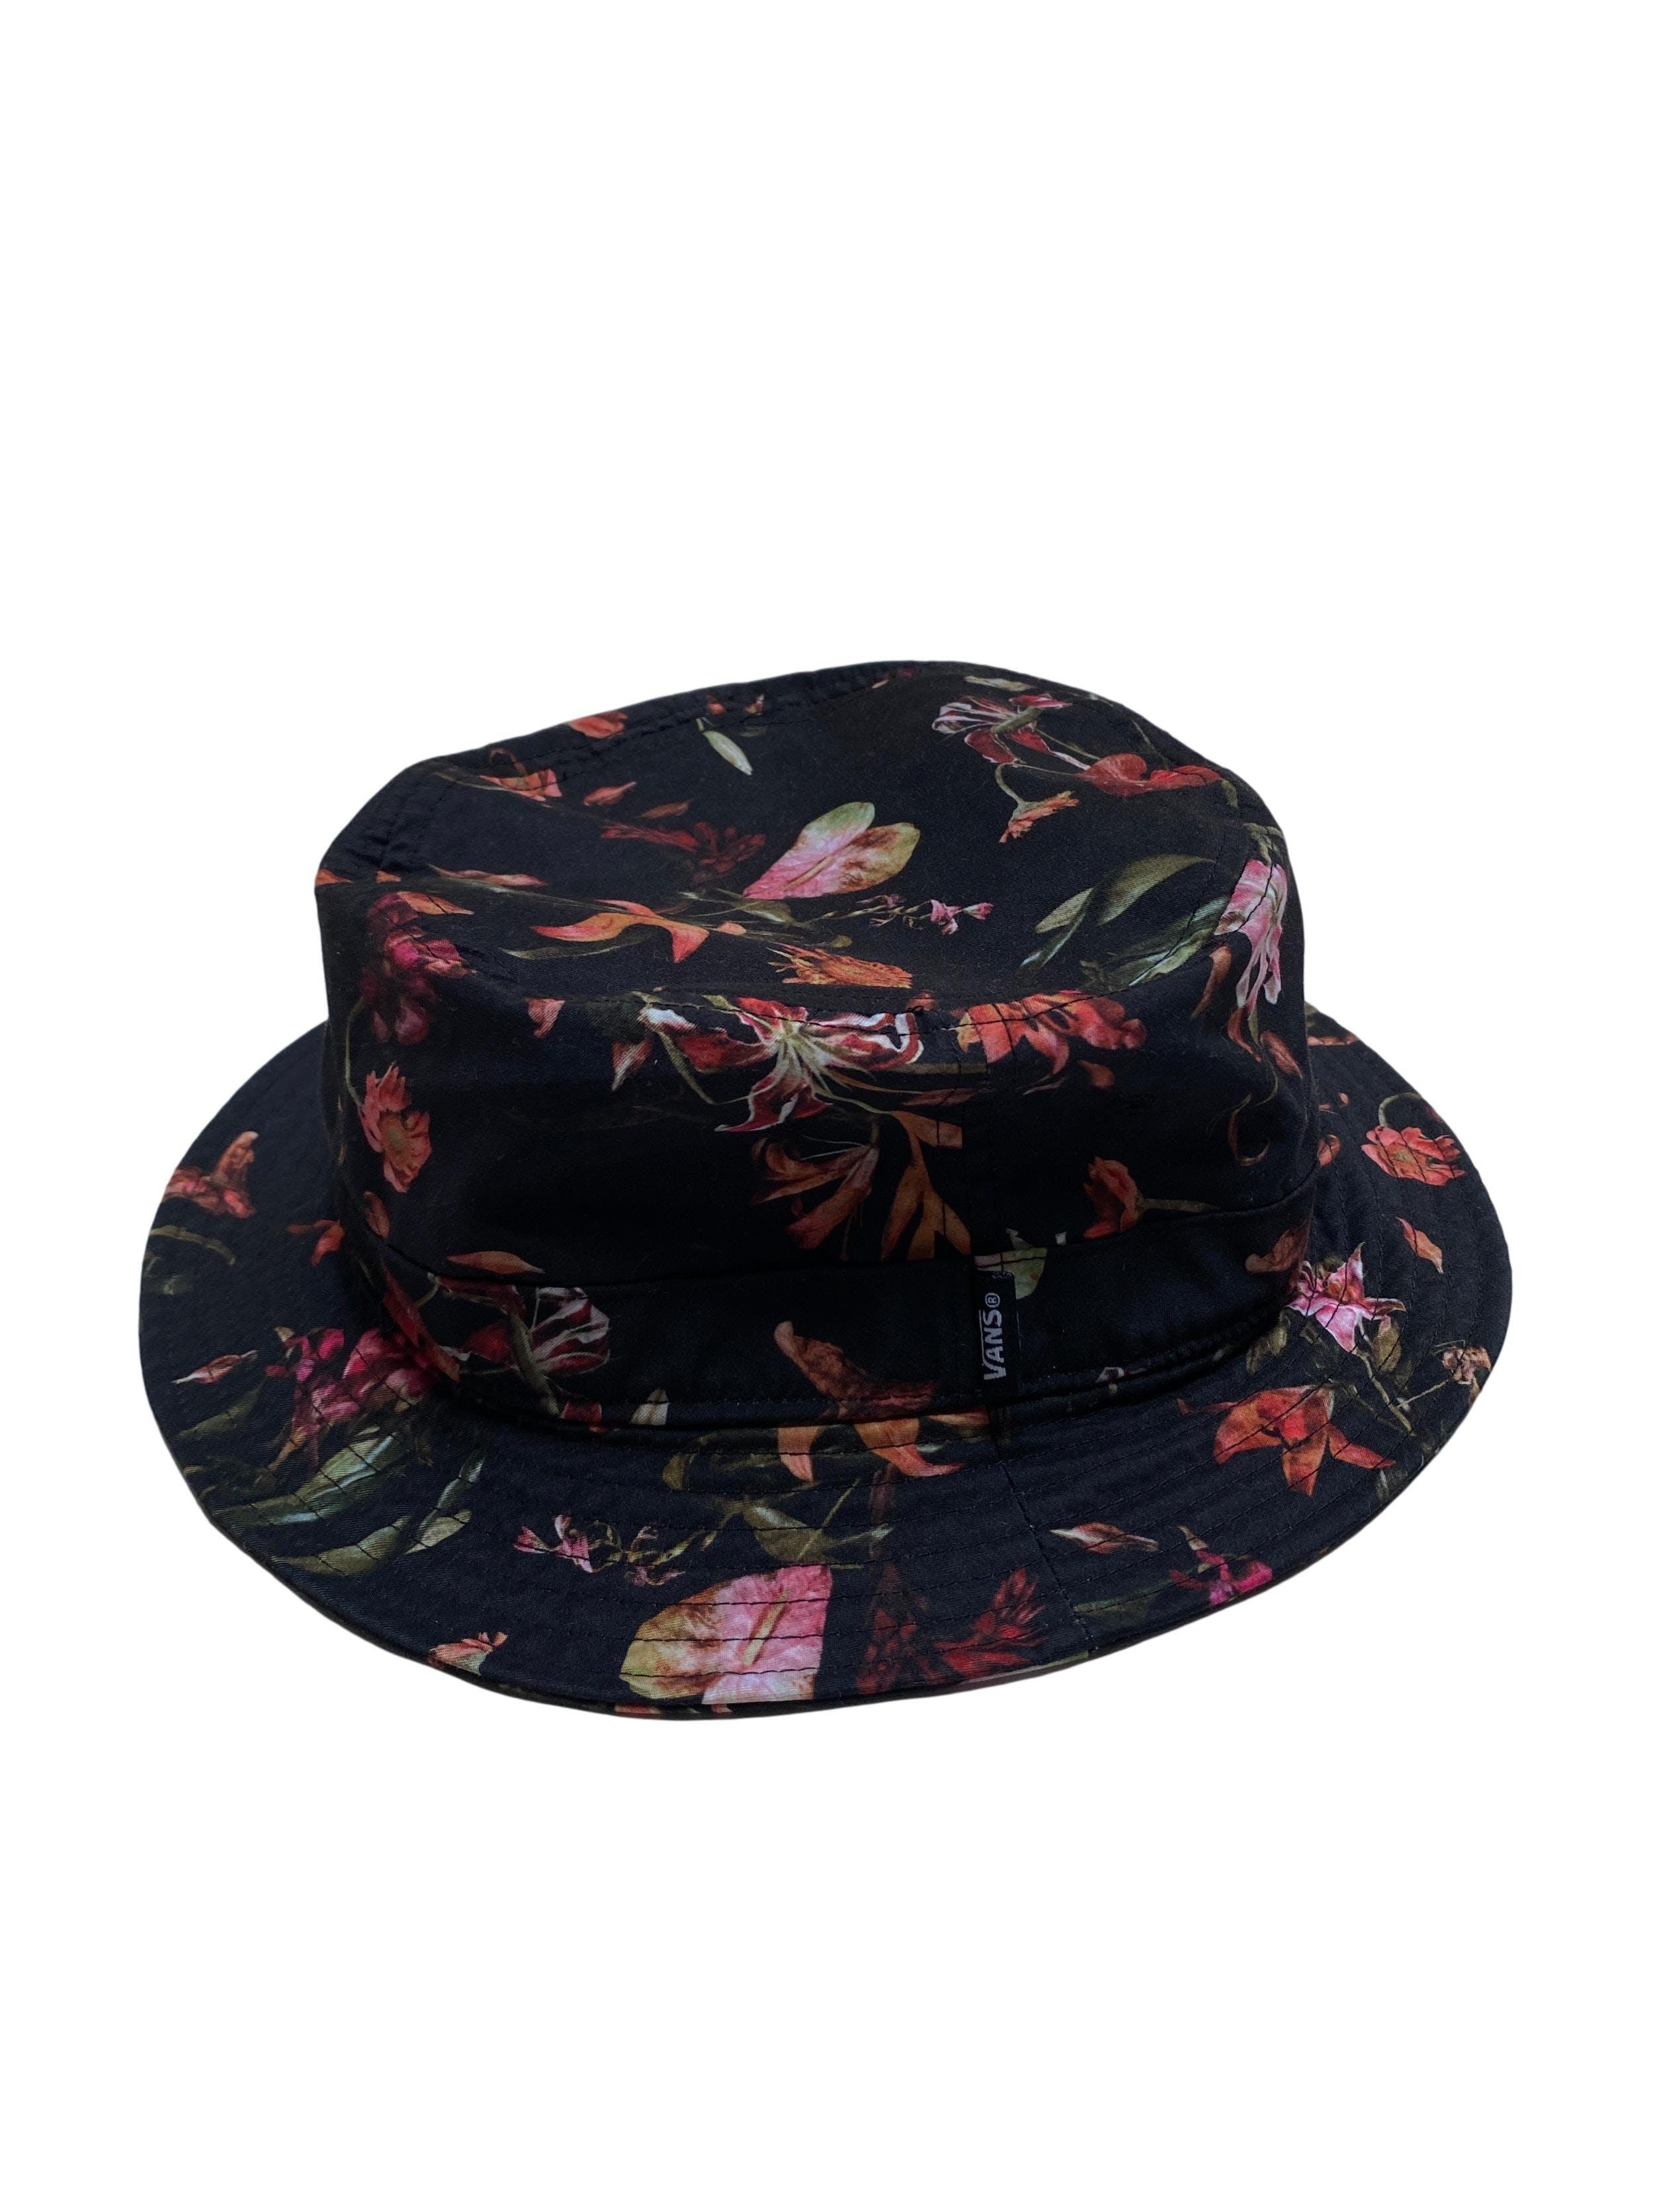 Bucket hat Vans negro con print de flores. Precio original S/ 119